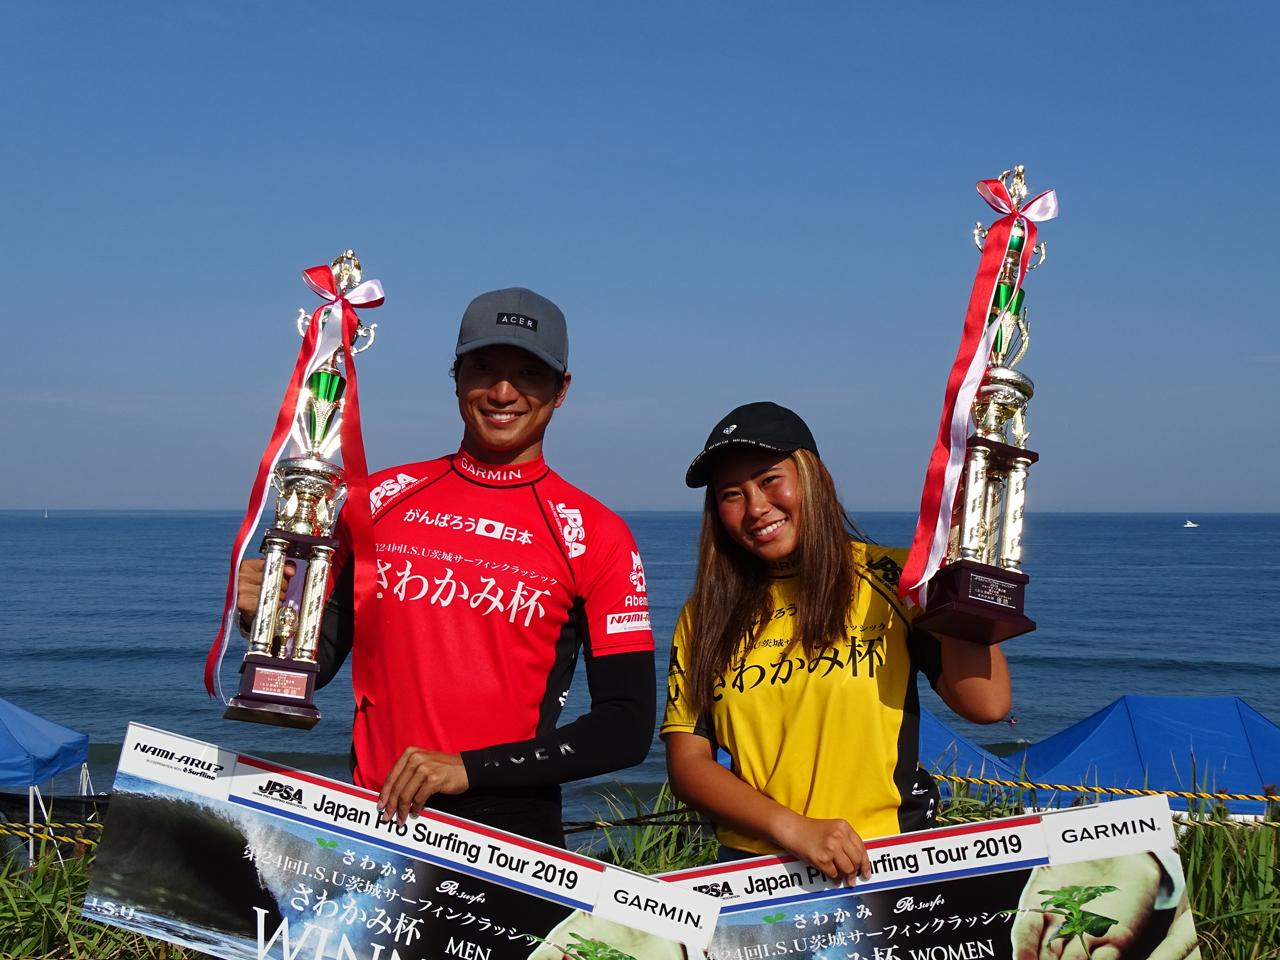 速報!ショートボード第4戦の優勝は、松本カイと渡辺愛!